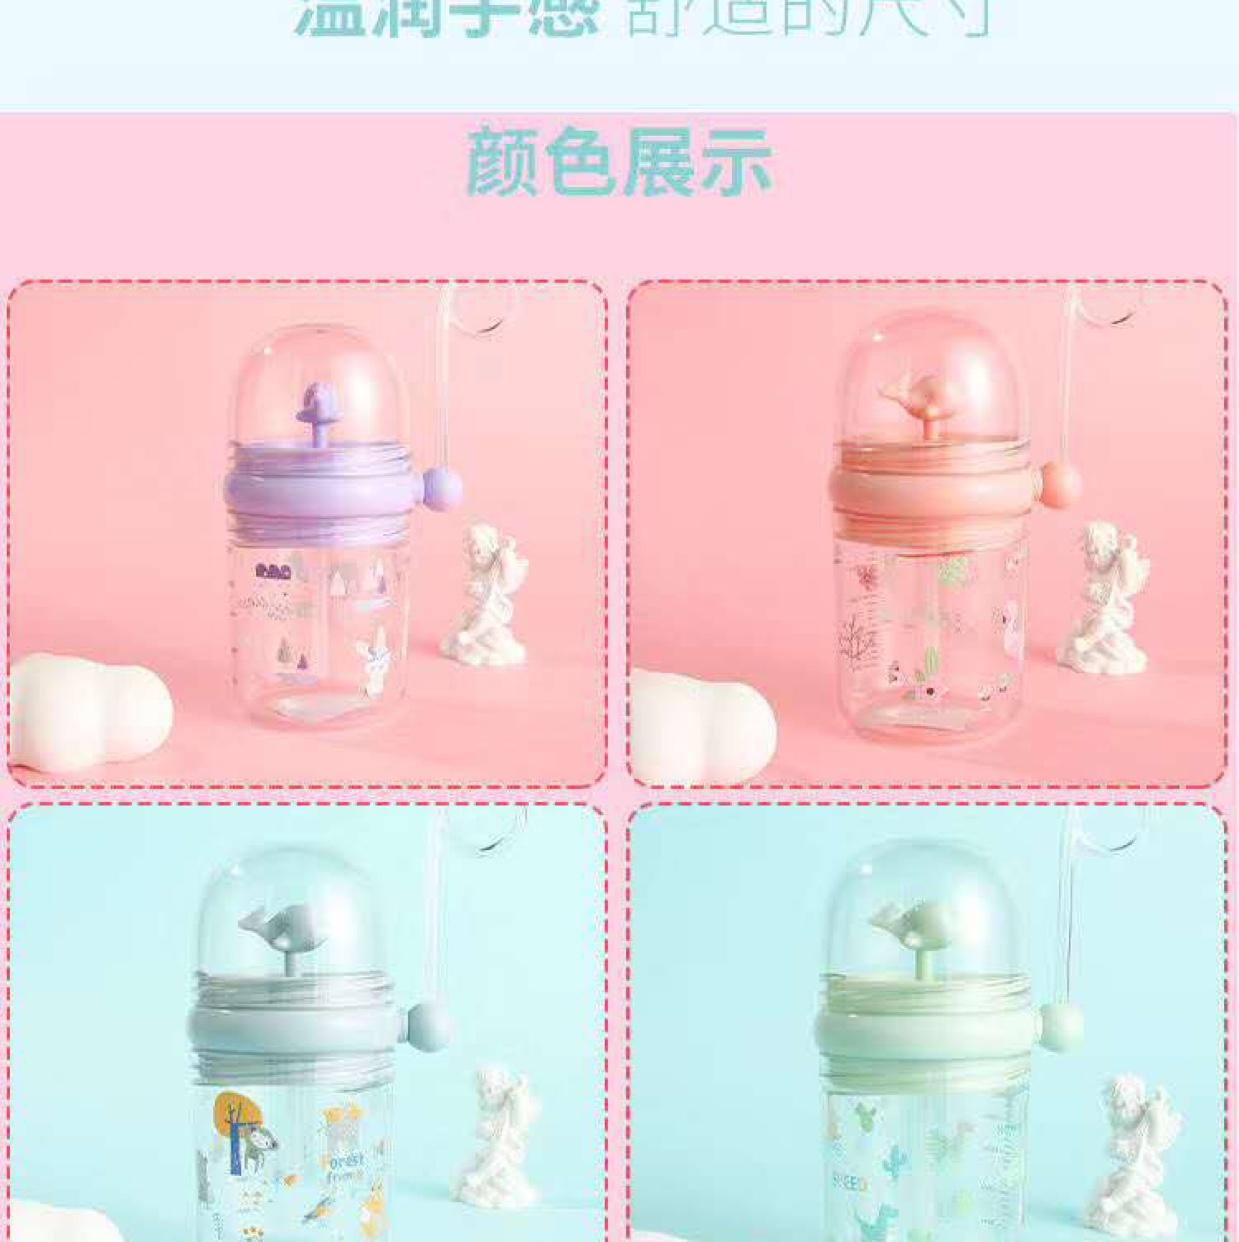 婴儿吸奶器